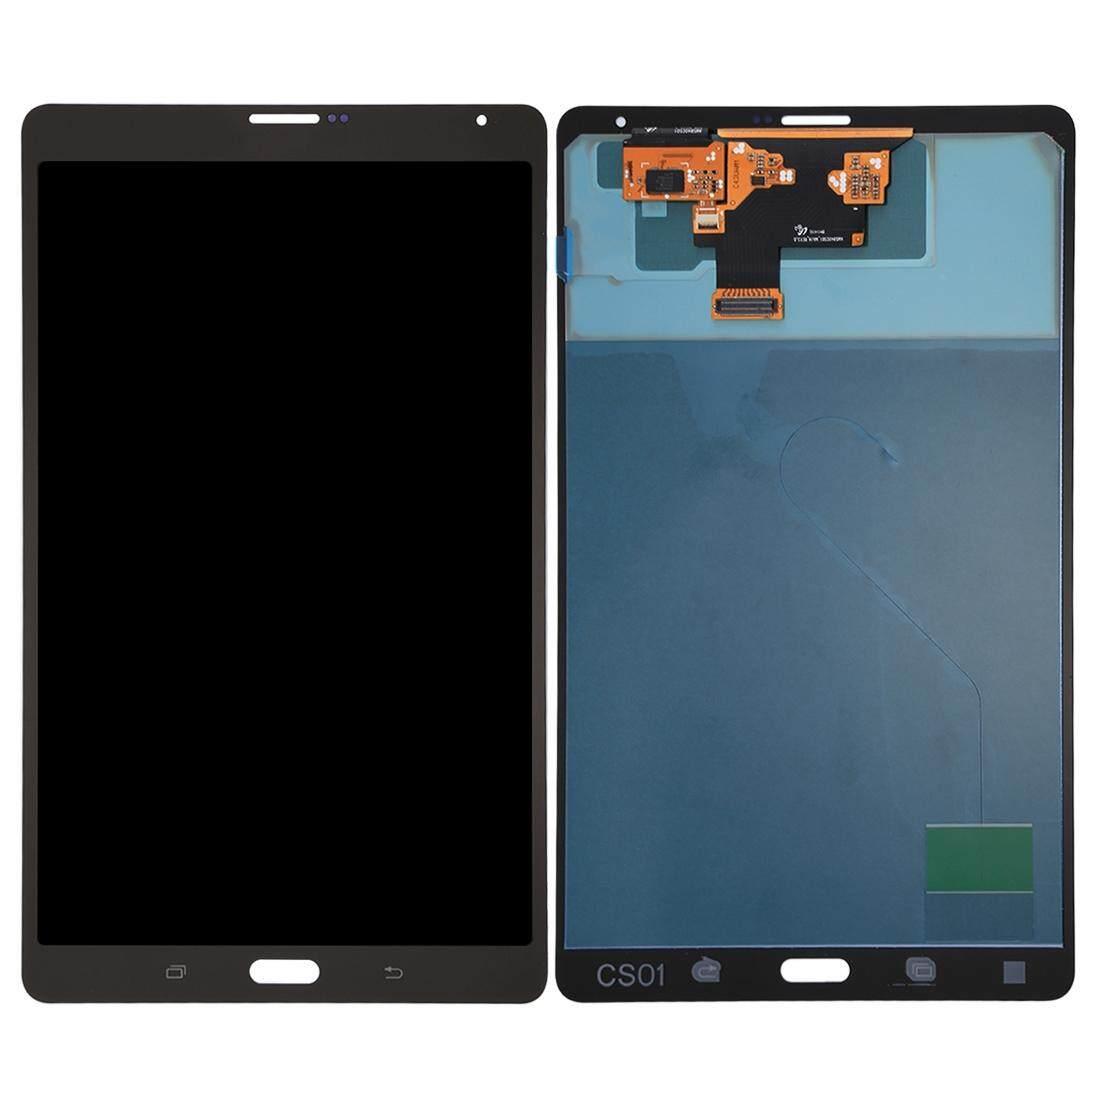 Layar LCD dan Digitizer Penuh Perakitan untuk Samsung Galaxy Tab S 8.4 LTE/T705 (Hitam)